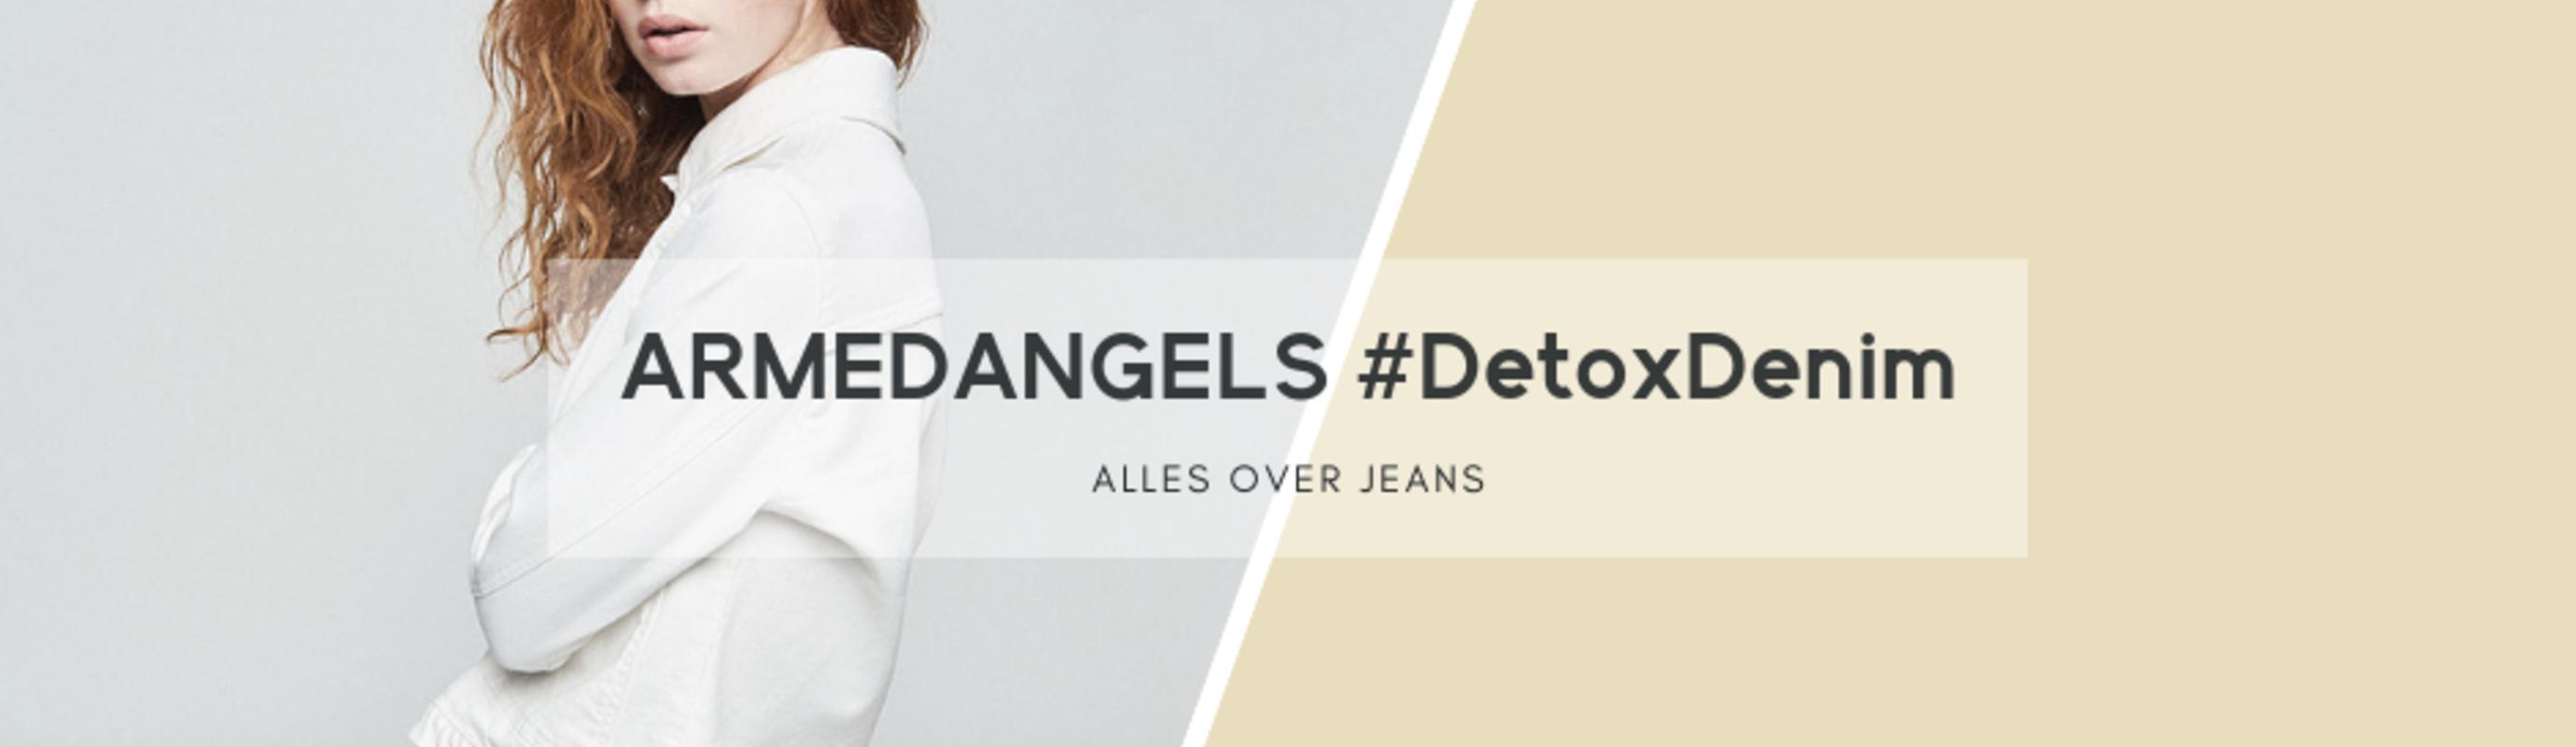 Maak kennis met: Armedangels #DetoxDenim